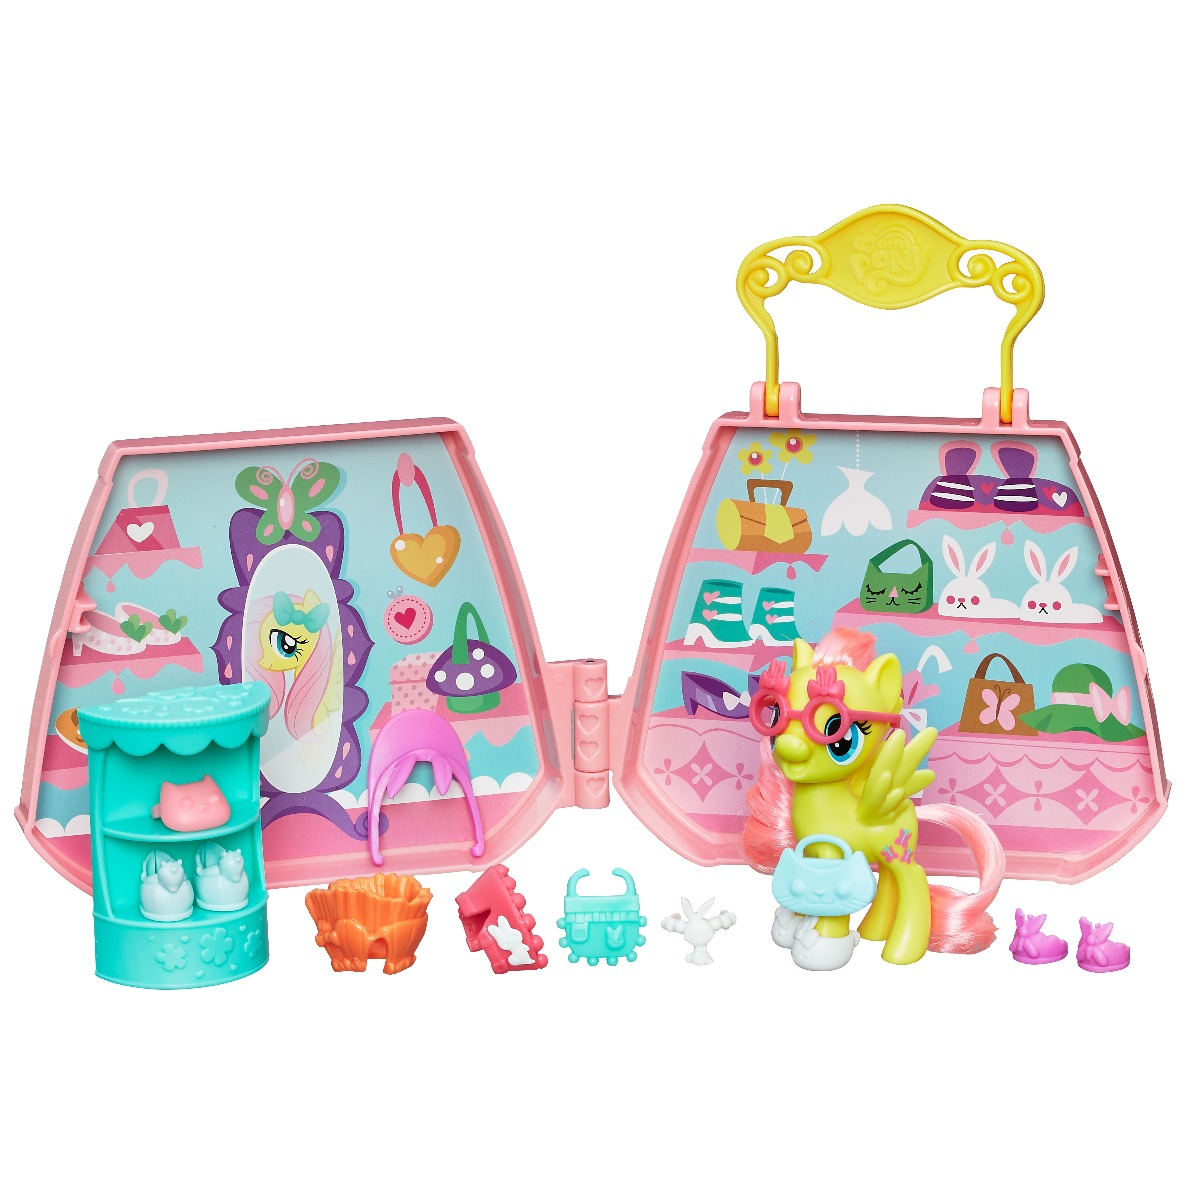 Set de joaca cu accesorii My Little Pony - Fluttershy